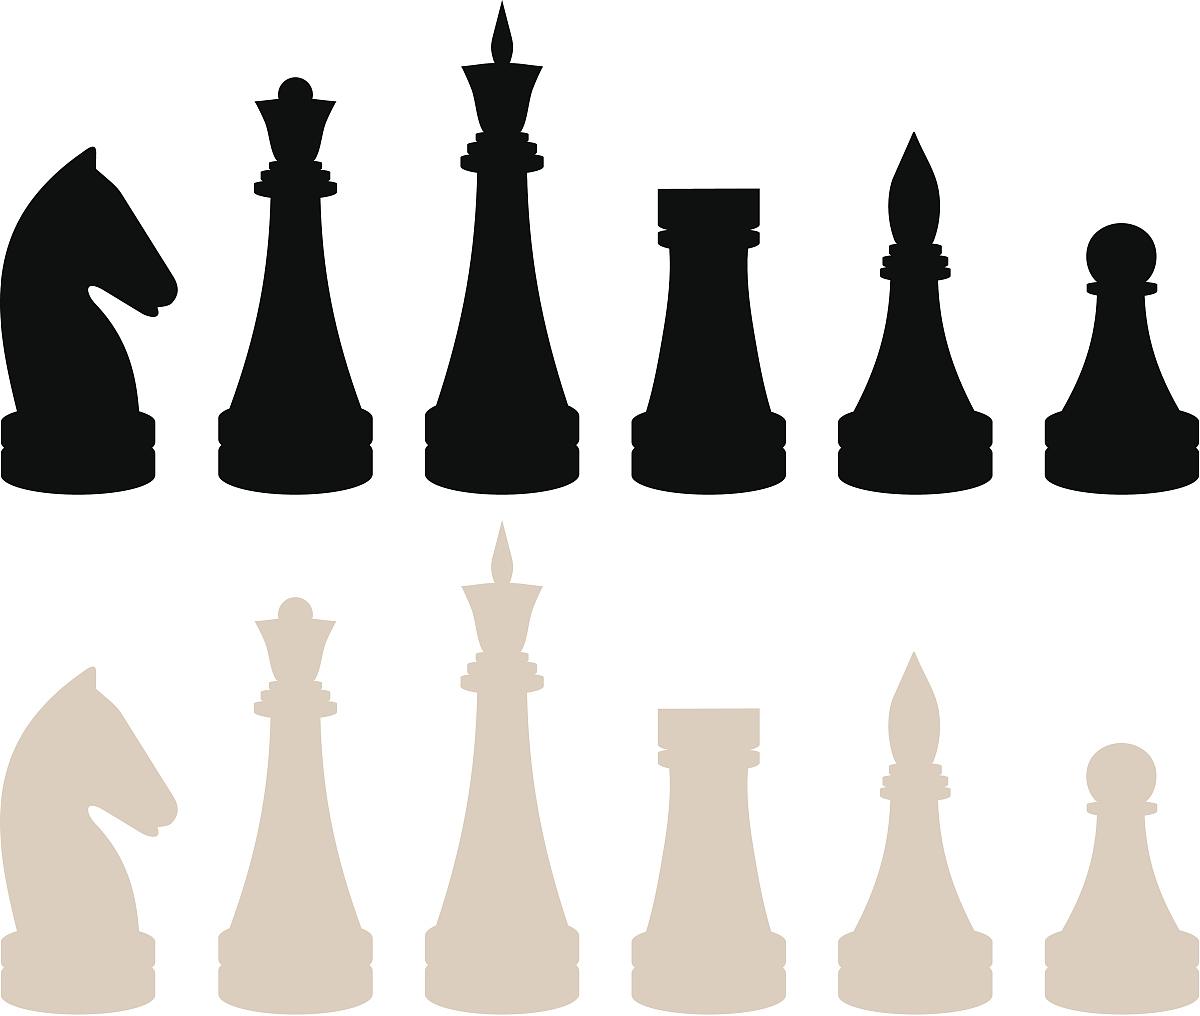 休闲游戏,符号,运动,国际象棋,组物体,无人,马,矢量,图标,休闲活动图片